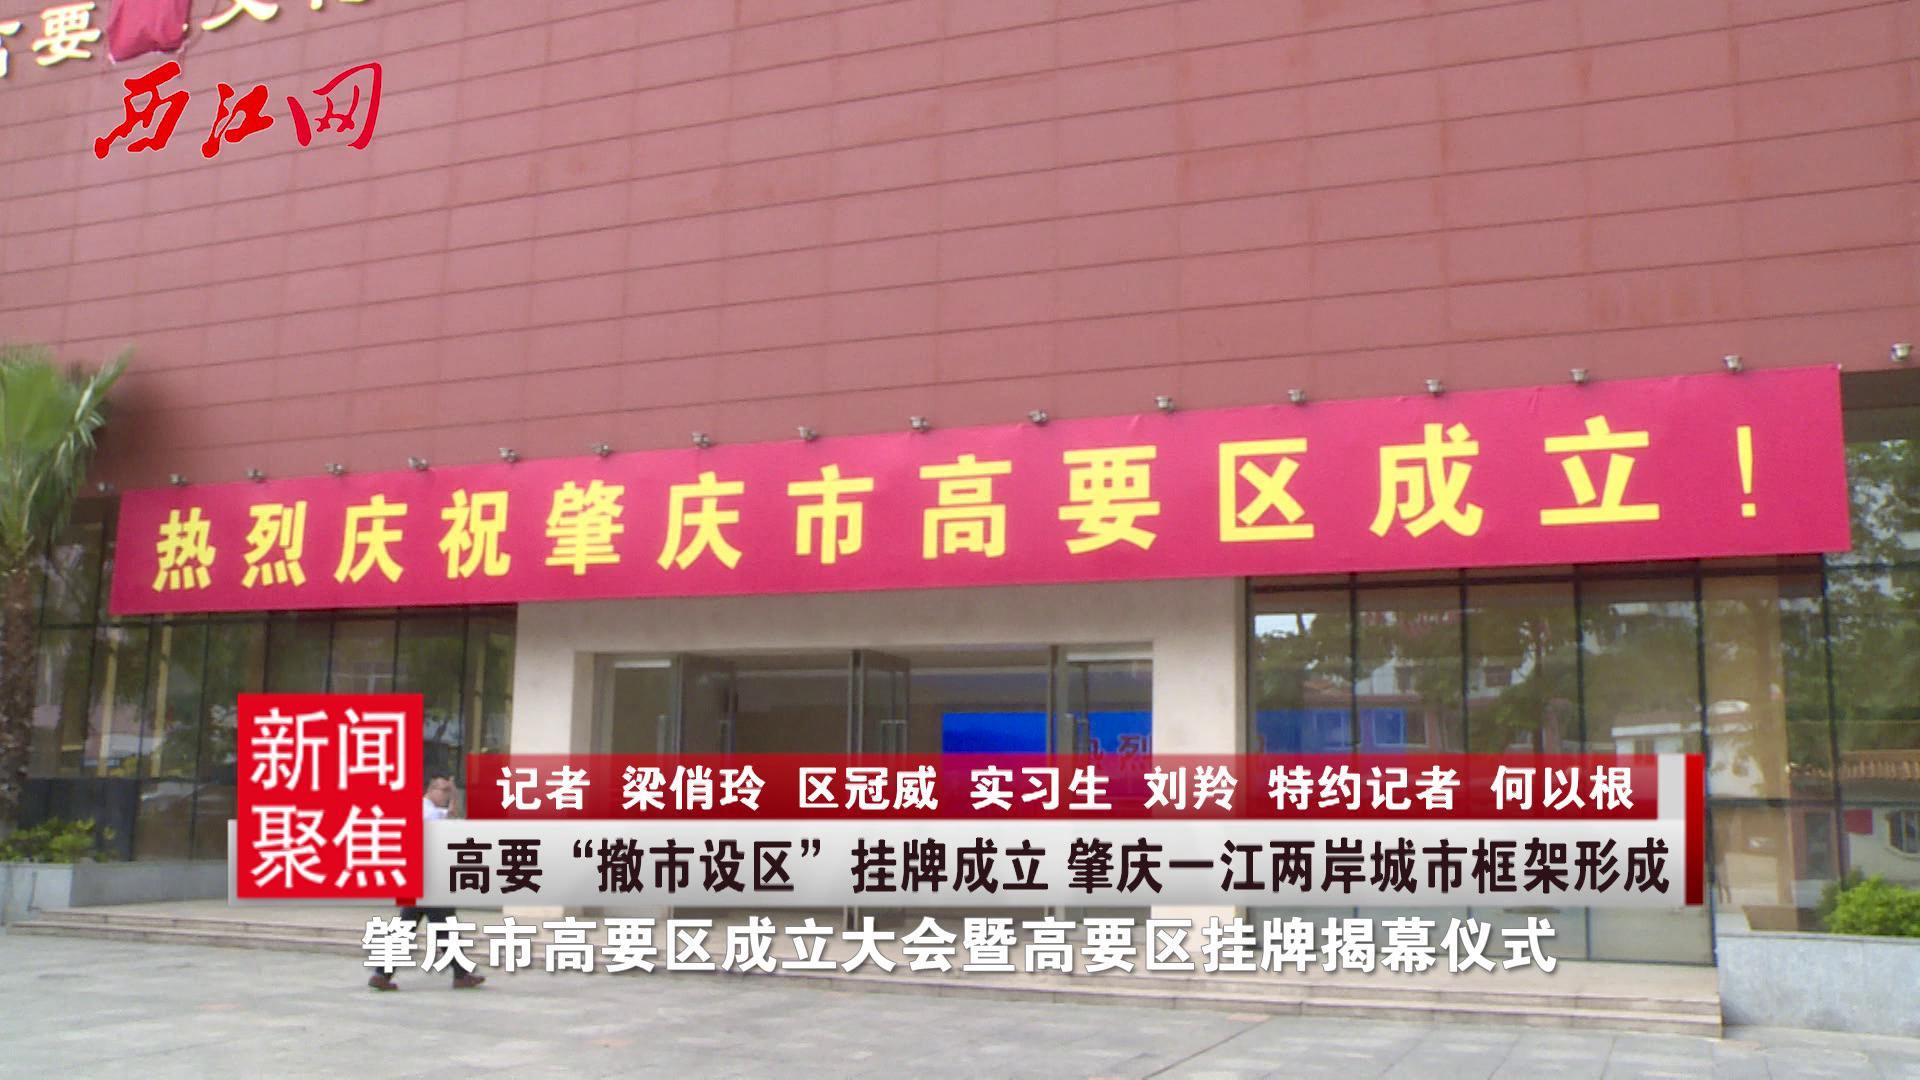 高要撤市设区挂牌成立 肇庆一江两岸城市框架形成